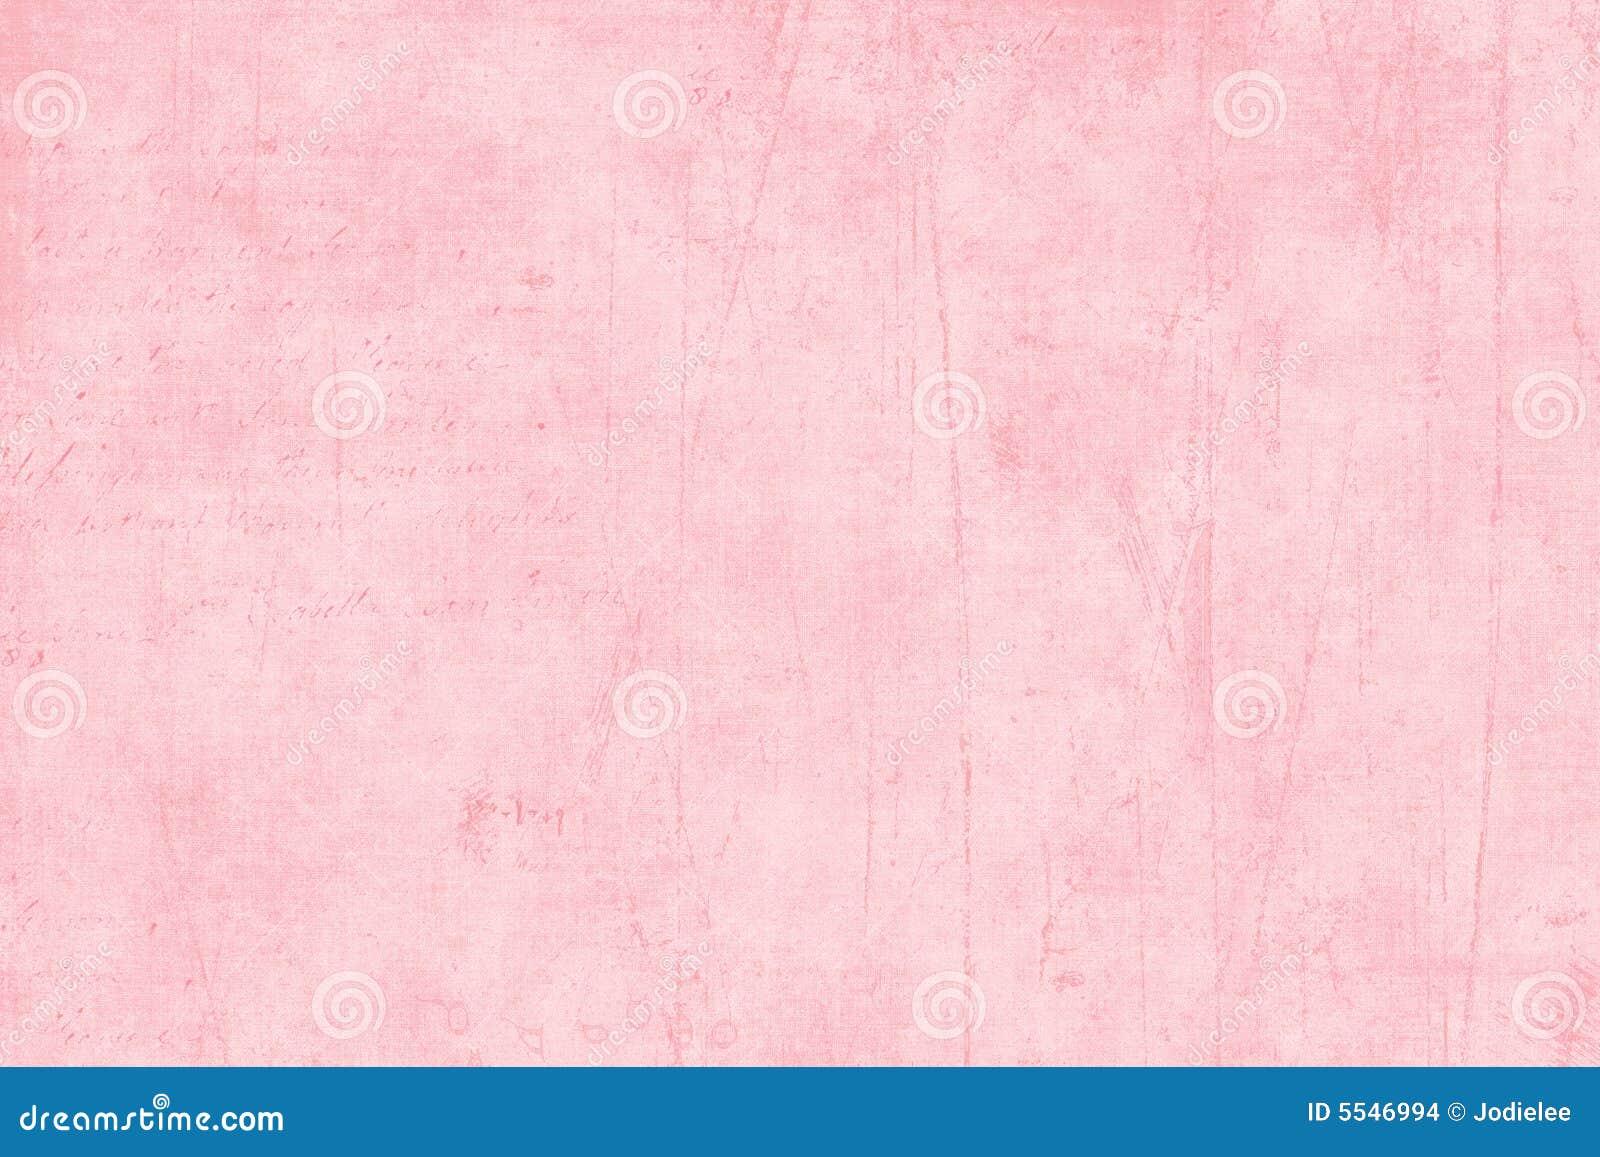 Scrapbook paper download - Pink Textured Scrapbook Paper